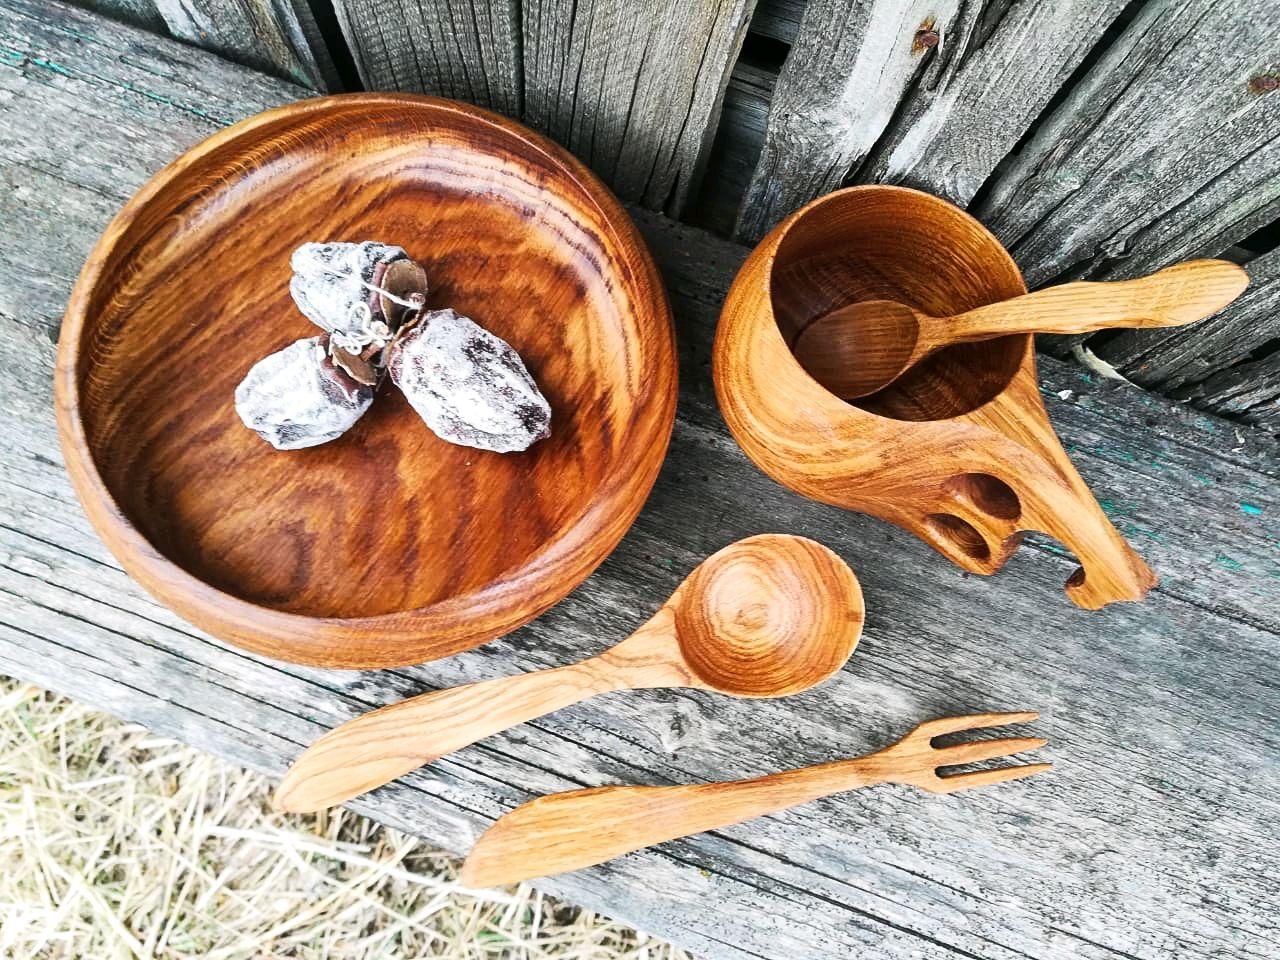 Деревянная посуда в картинках